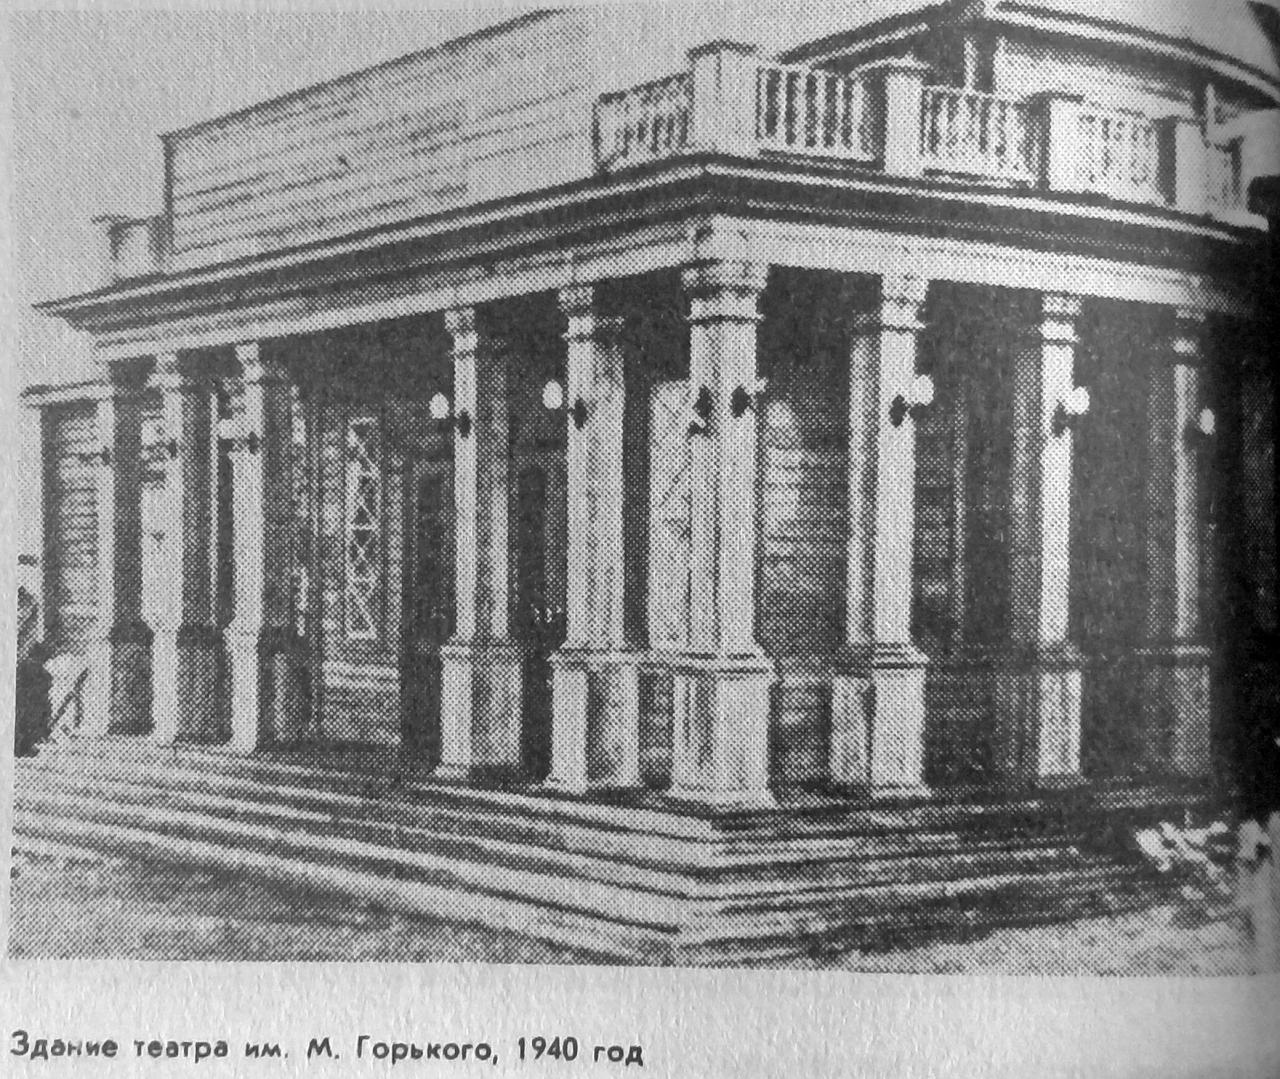 Здание театра имени Горького, 1940 год.